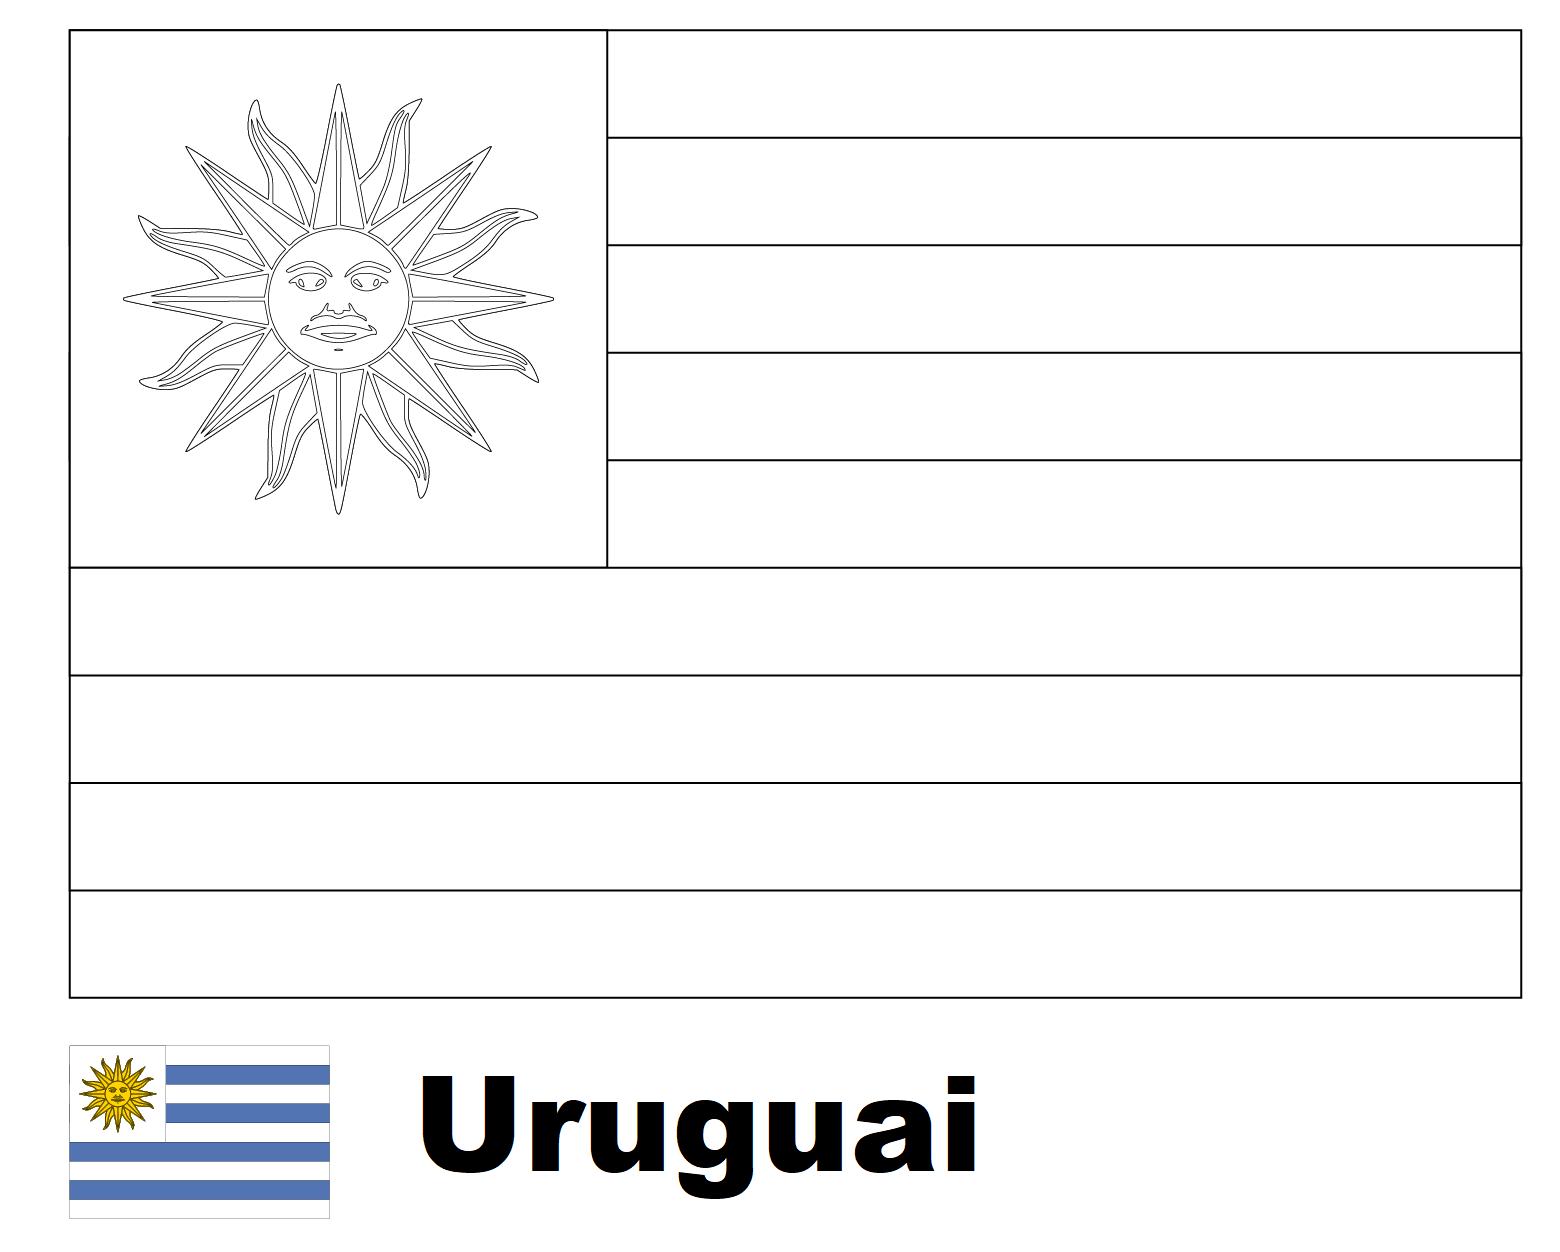 Bandeira Do Uruguai Para Colorir Png 1560 1252 Bandeira Do